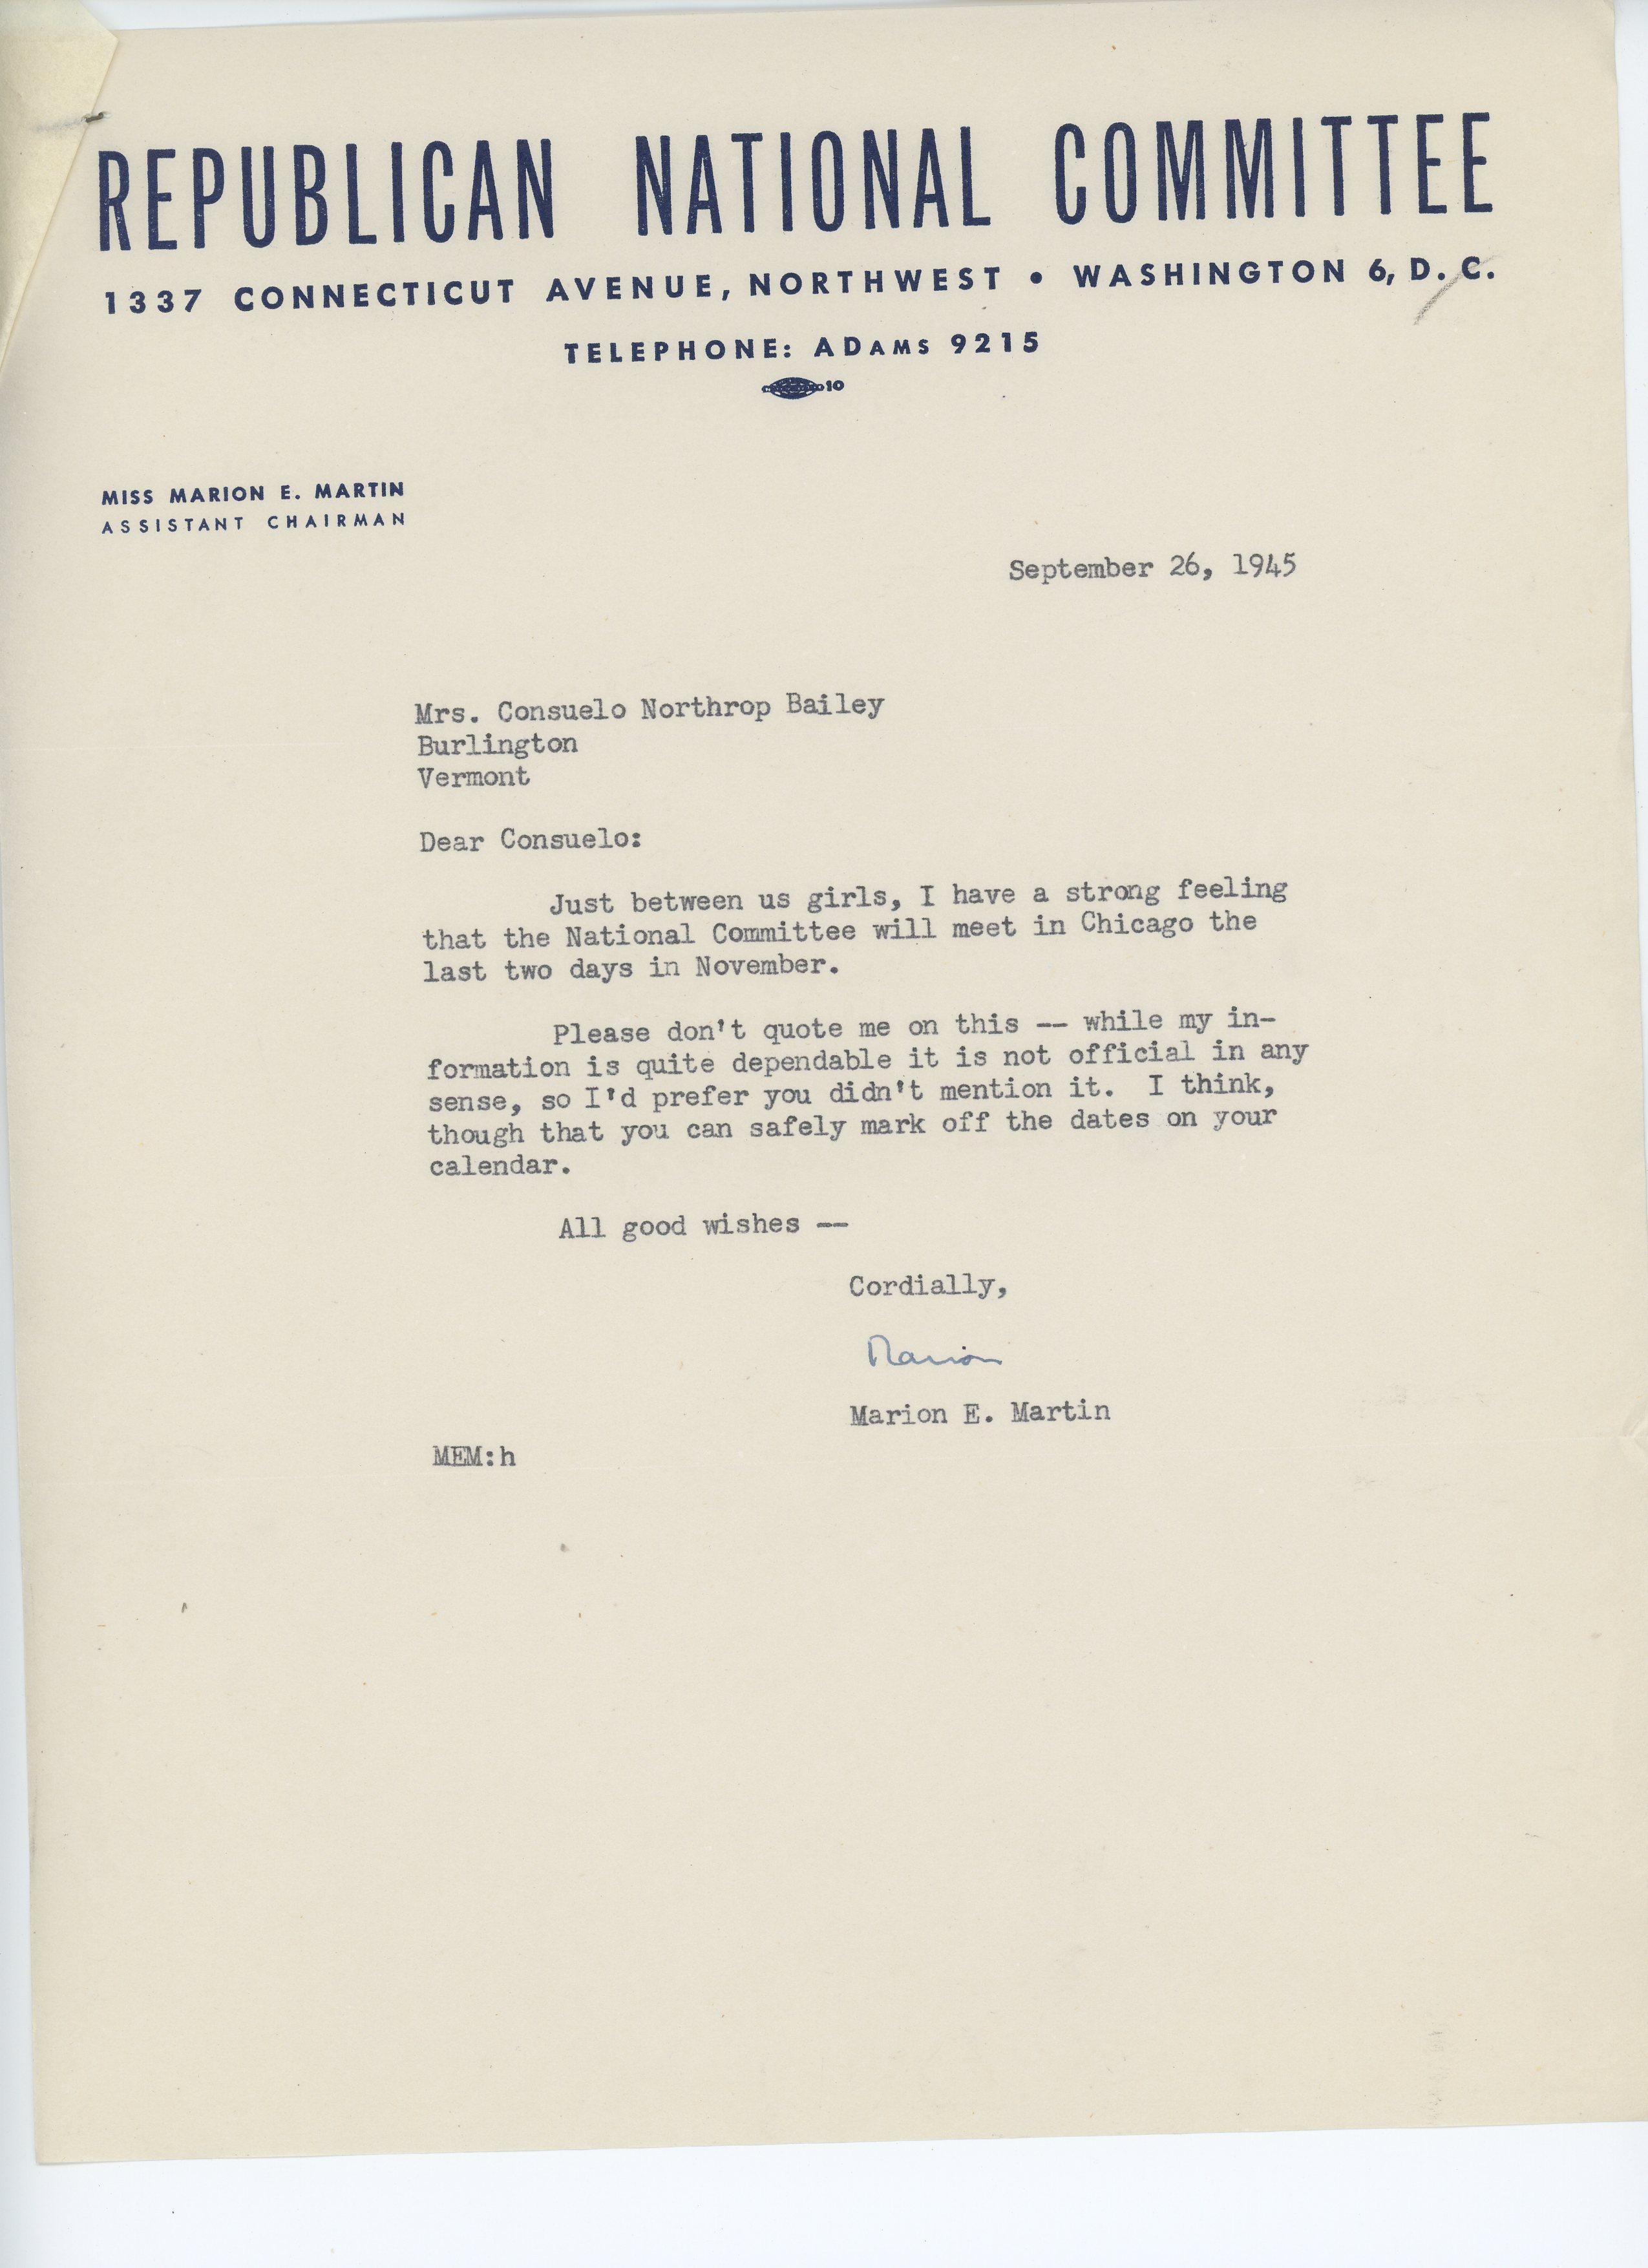 Marion E. Martin to Consuelo N. Bailey 1945 September 26